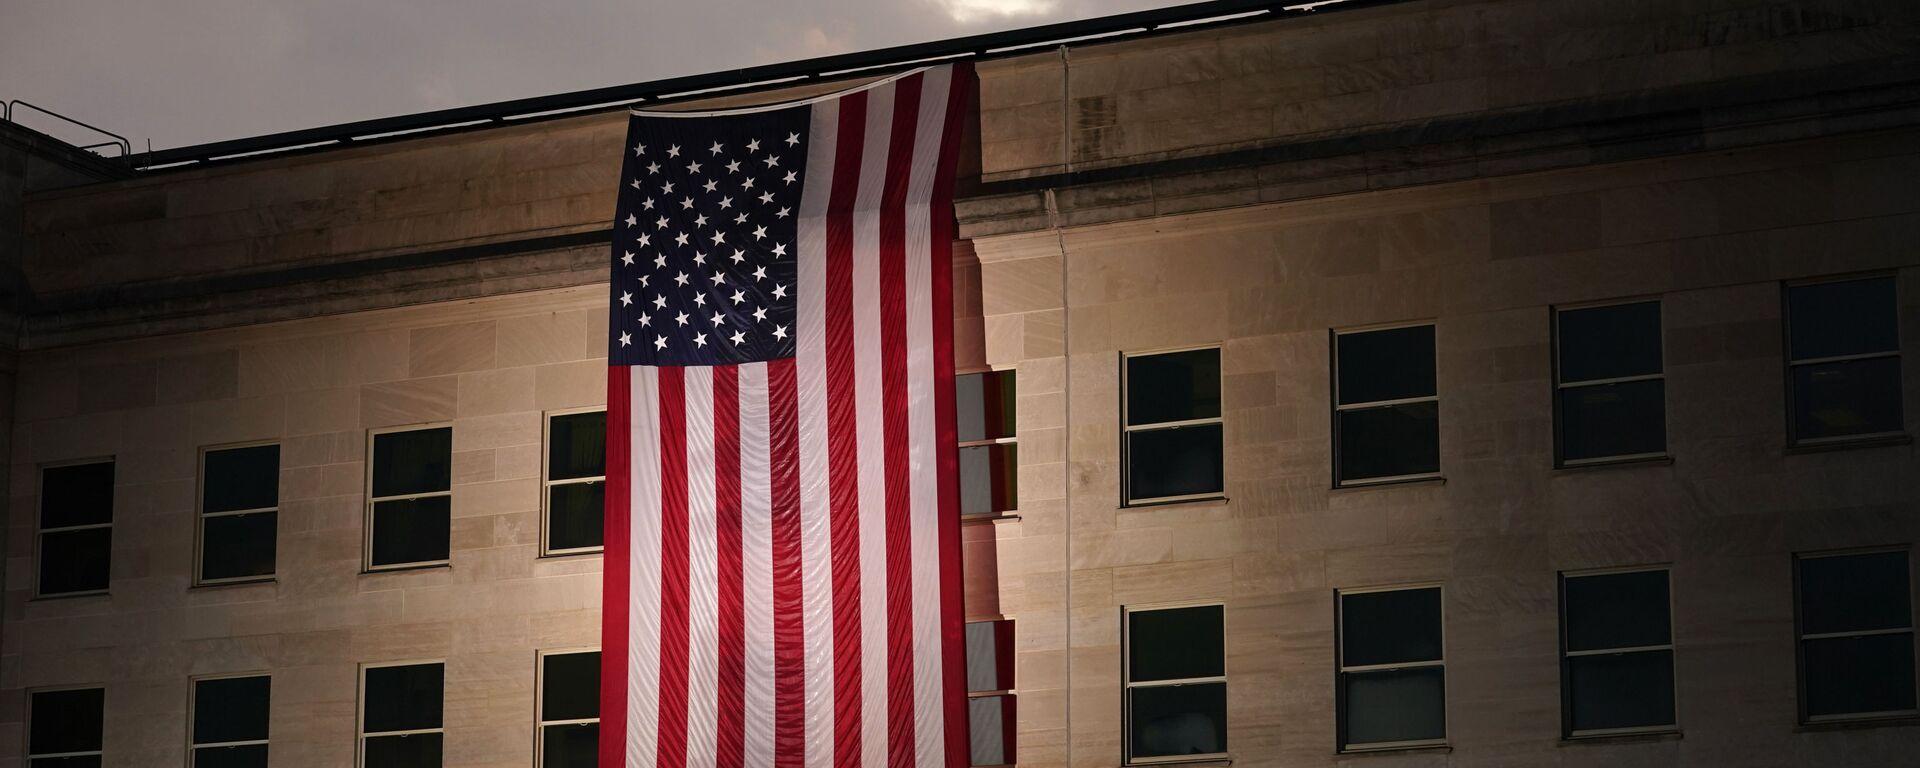 Americká vlajka na budově Pentagonu - Sputnik Česká republika, 1920, 27.08.2021